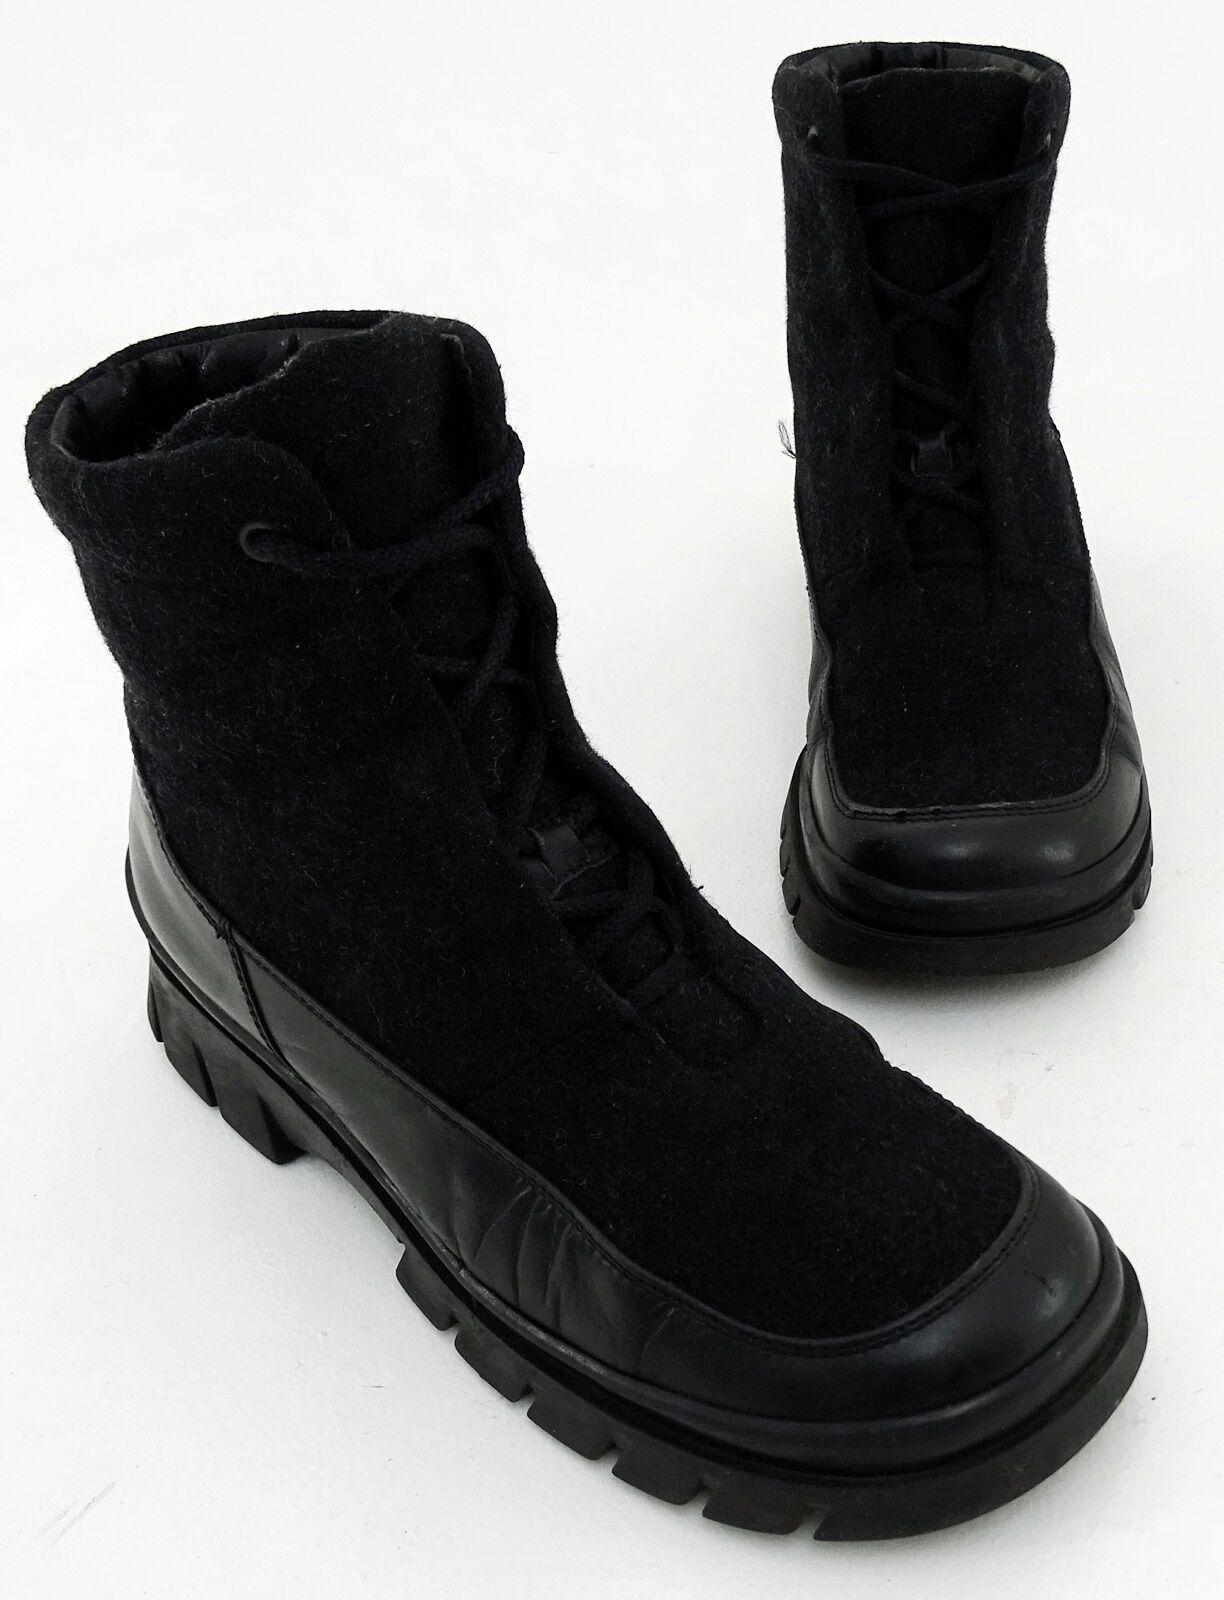 Boots Gabor Stiefeletten Schnürer Echtleder Textil schwarz grau Gr. 4,5 = 37,5